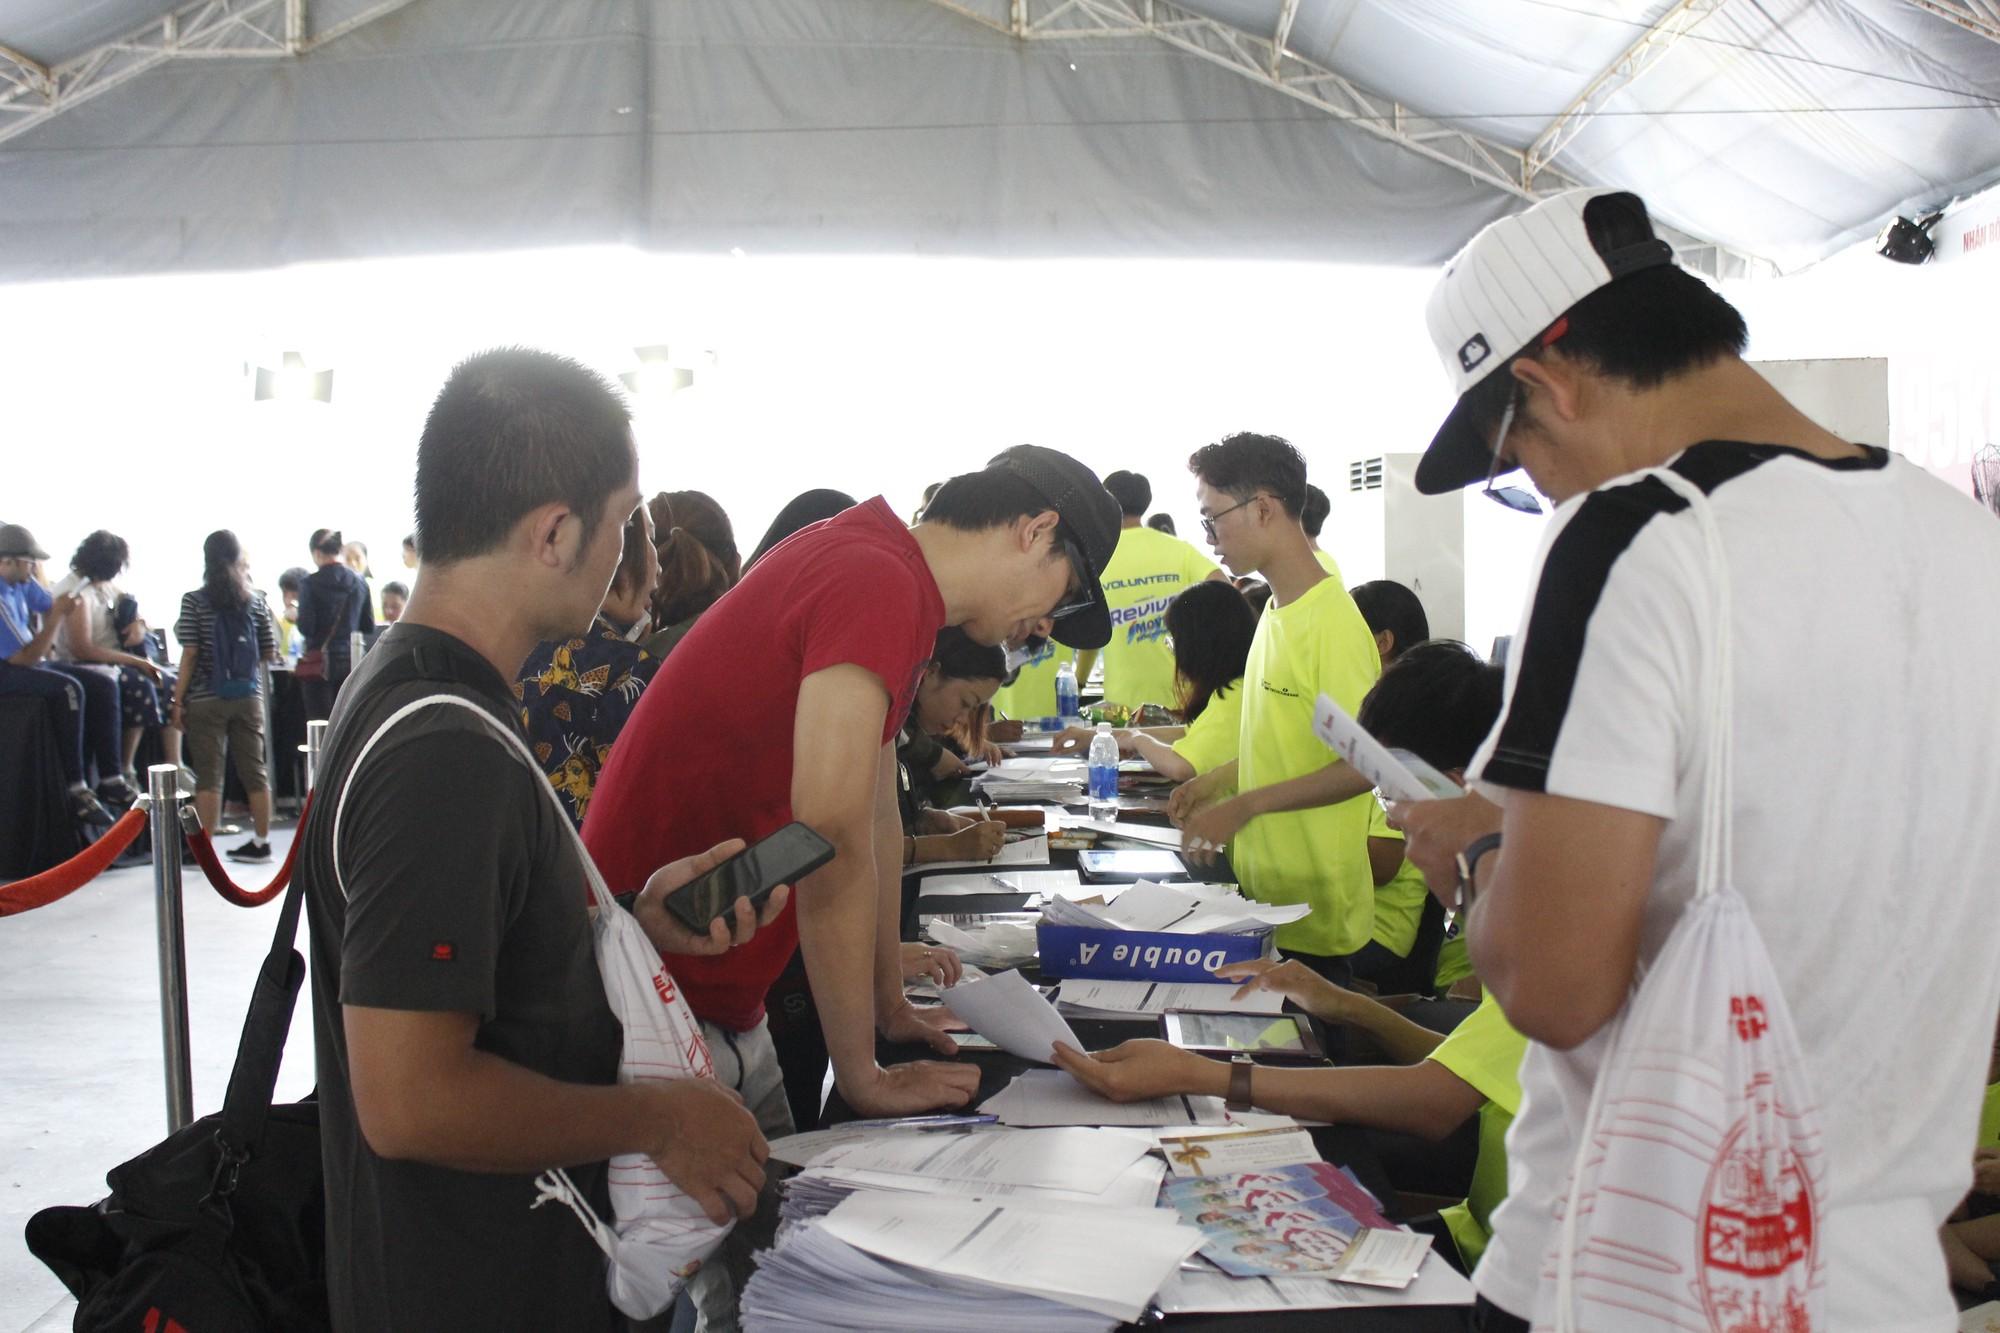 Hàng ngàn VĐV hào hứng đến nhận bib marathon quốc tế Techcombank - Ảnh 2.